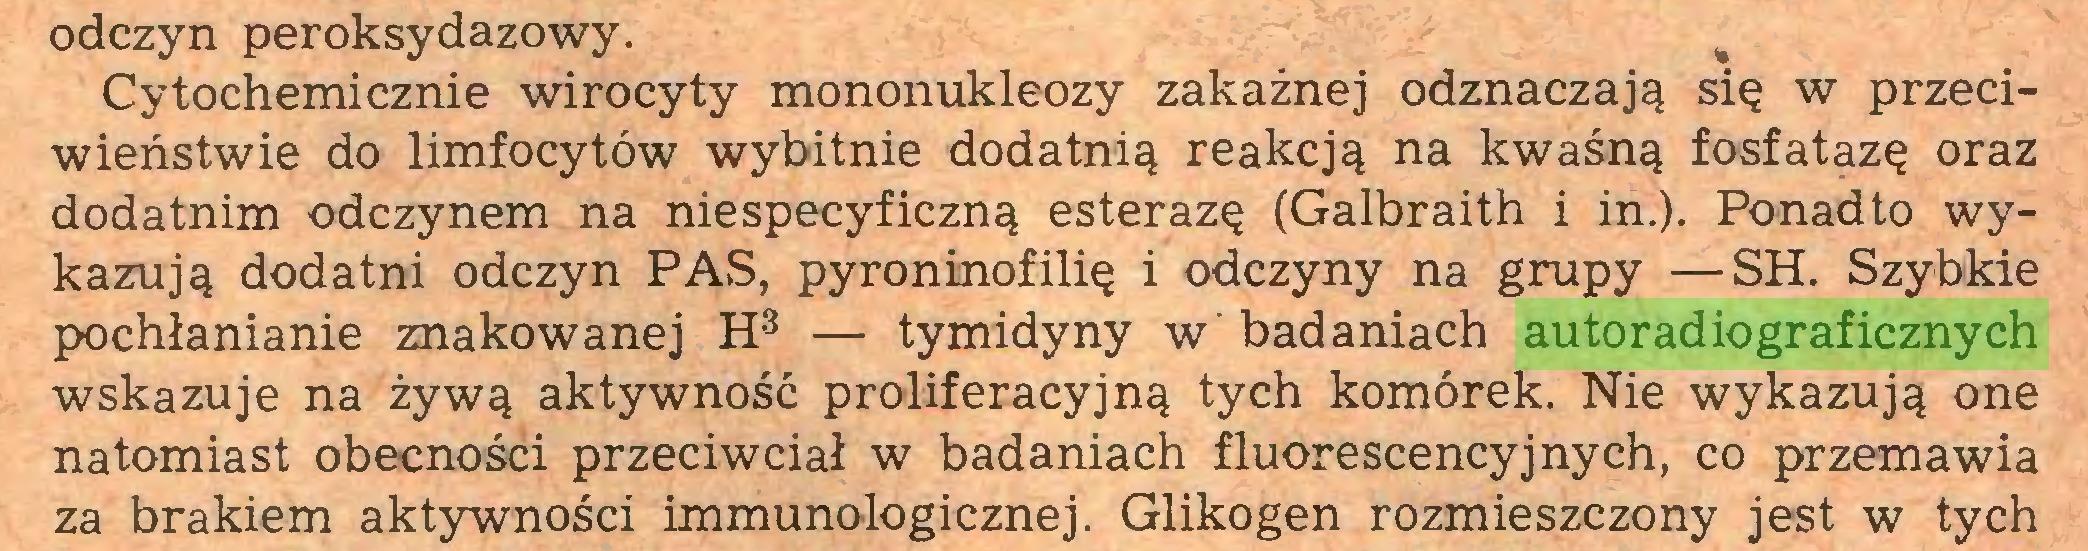 (...) odczyn peroksydazowy. % Cytochemicznie wirocyty mononukleozy zakaźnej odznaczają się w przeciwieństwie do limfocytów wybitnie dodatnią reakcją na kwaśną fosfatazę oraz dodatnim odczynem na niespecyficzną esterazę (Galbraith i in.). Ponadto wykazują dodatni odczyn PAS, pyroninofilię i odczyny na grupy —SH. Szybkie pochłanianie znakowanej H3 — tymidyny w badaniach autoradiograficznych wskazuje na żywą aktywność proliferacyjną tych komórek. Nie wykazują one natomiast obecności przeciwciał w badaniach fluorescencyjnych, co przemawia za brakiem aktywności immunologicznej. Glikogen rozmieszczony jest w tych...